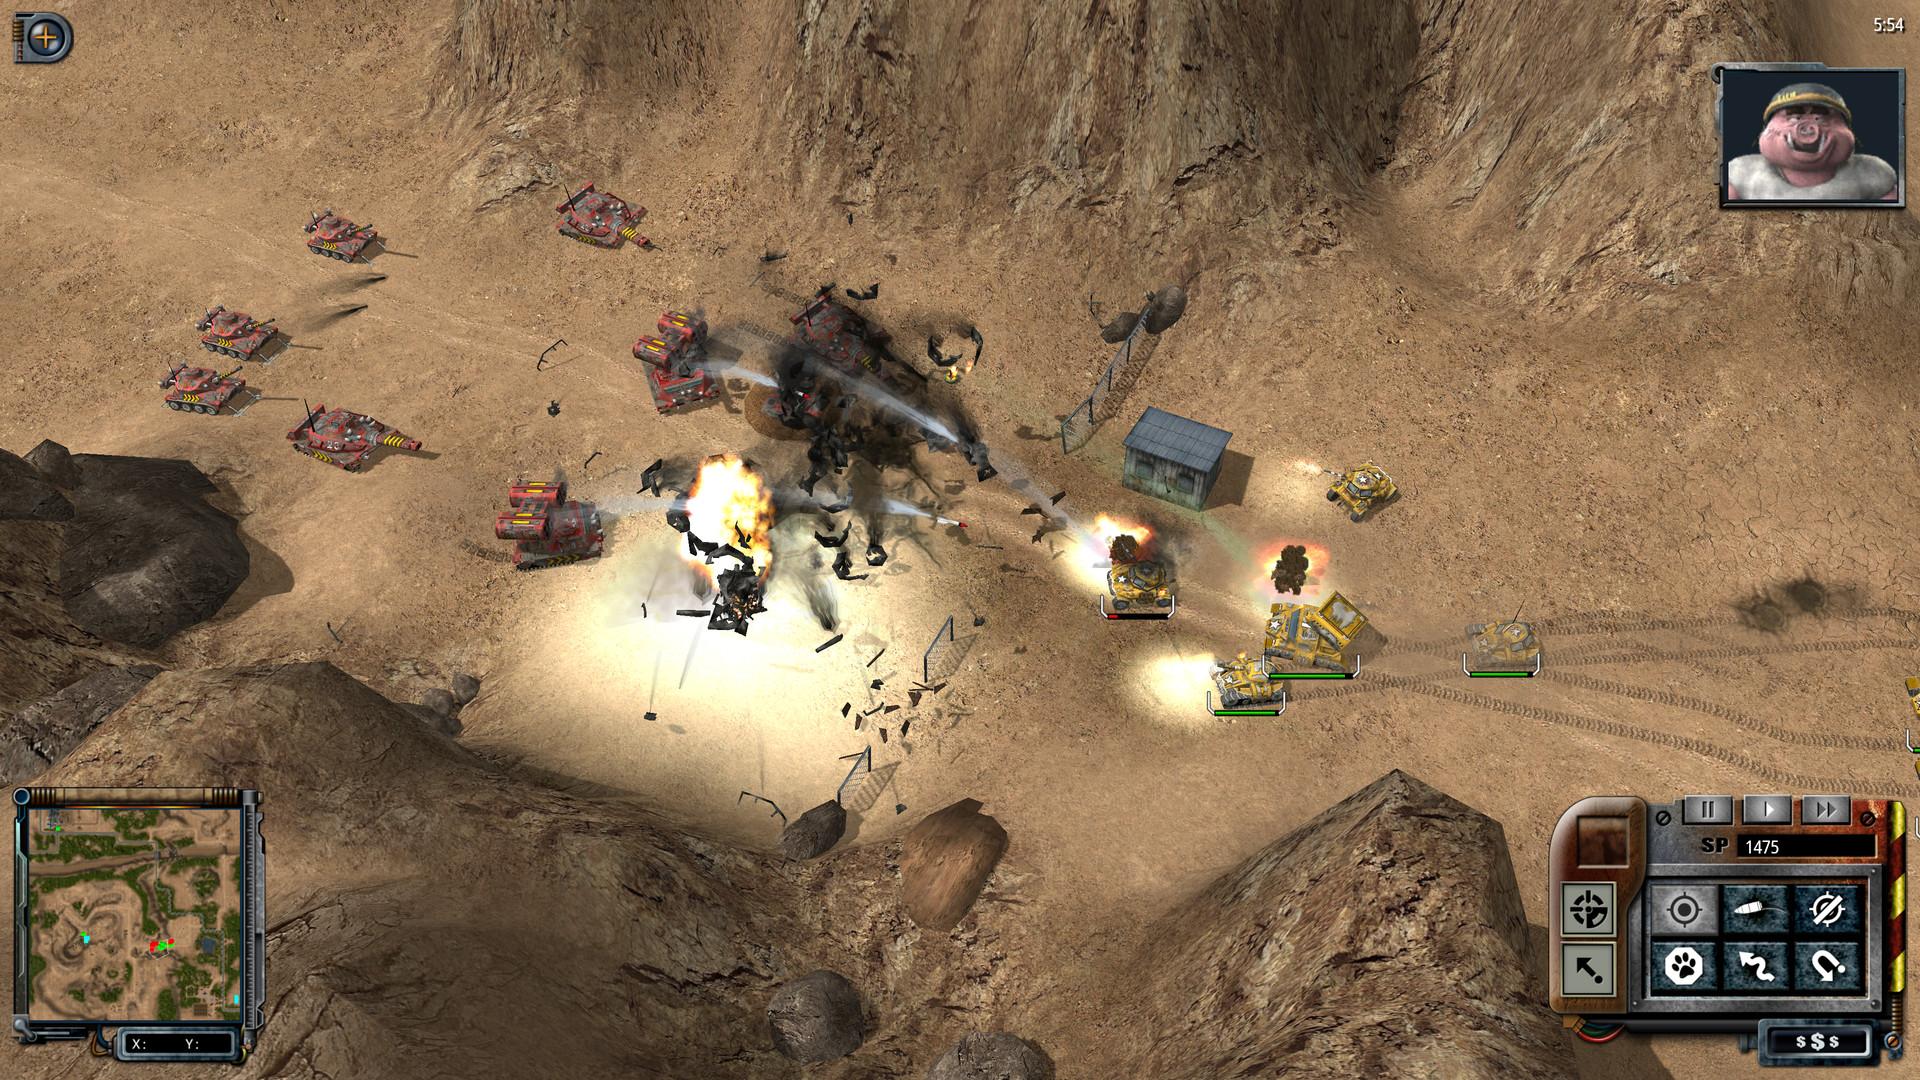 DS simulační hry